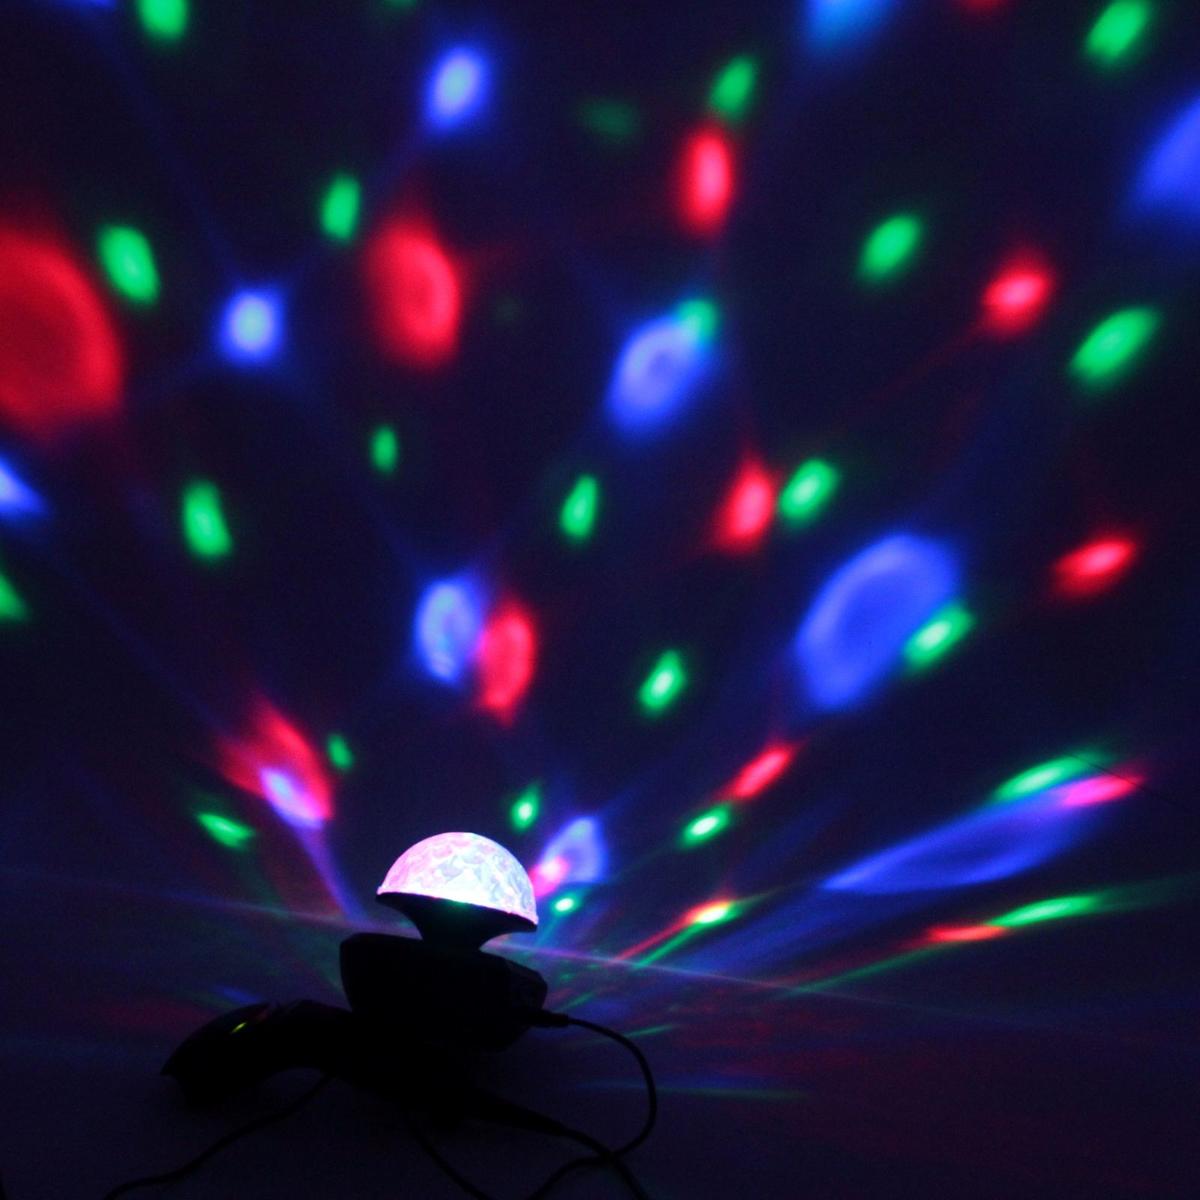 Световой прибор Luazon, с музыкой, USB microSD ЧЕРНЫЙ176678Светодиодные гирлянды, ленты и т.д — это отличный вариант для новогоднего оформления интерьера или фасада. С их помощью помещение любого размера можно превратить в праздничный зал, а внешние элементы зданий, украшенные ими, мгновенно станут напоминать очертания сказочного дворца. Такие украшения создают ауру предвкушения чуда. Деревья, фасады, витрины, окна и арки будто специально созданы, чтобы вы украсили их светящимися нитями.